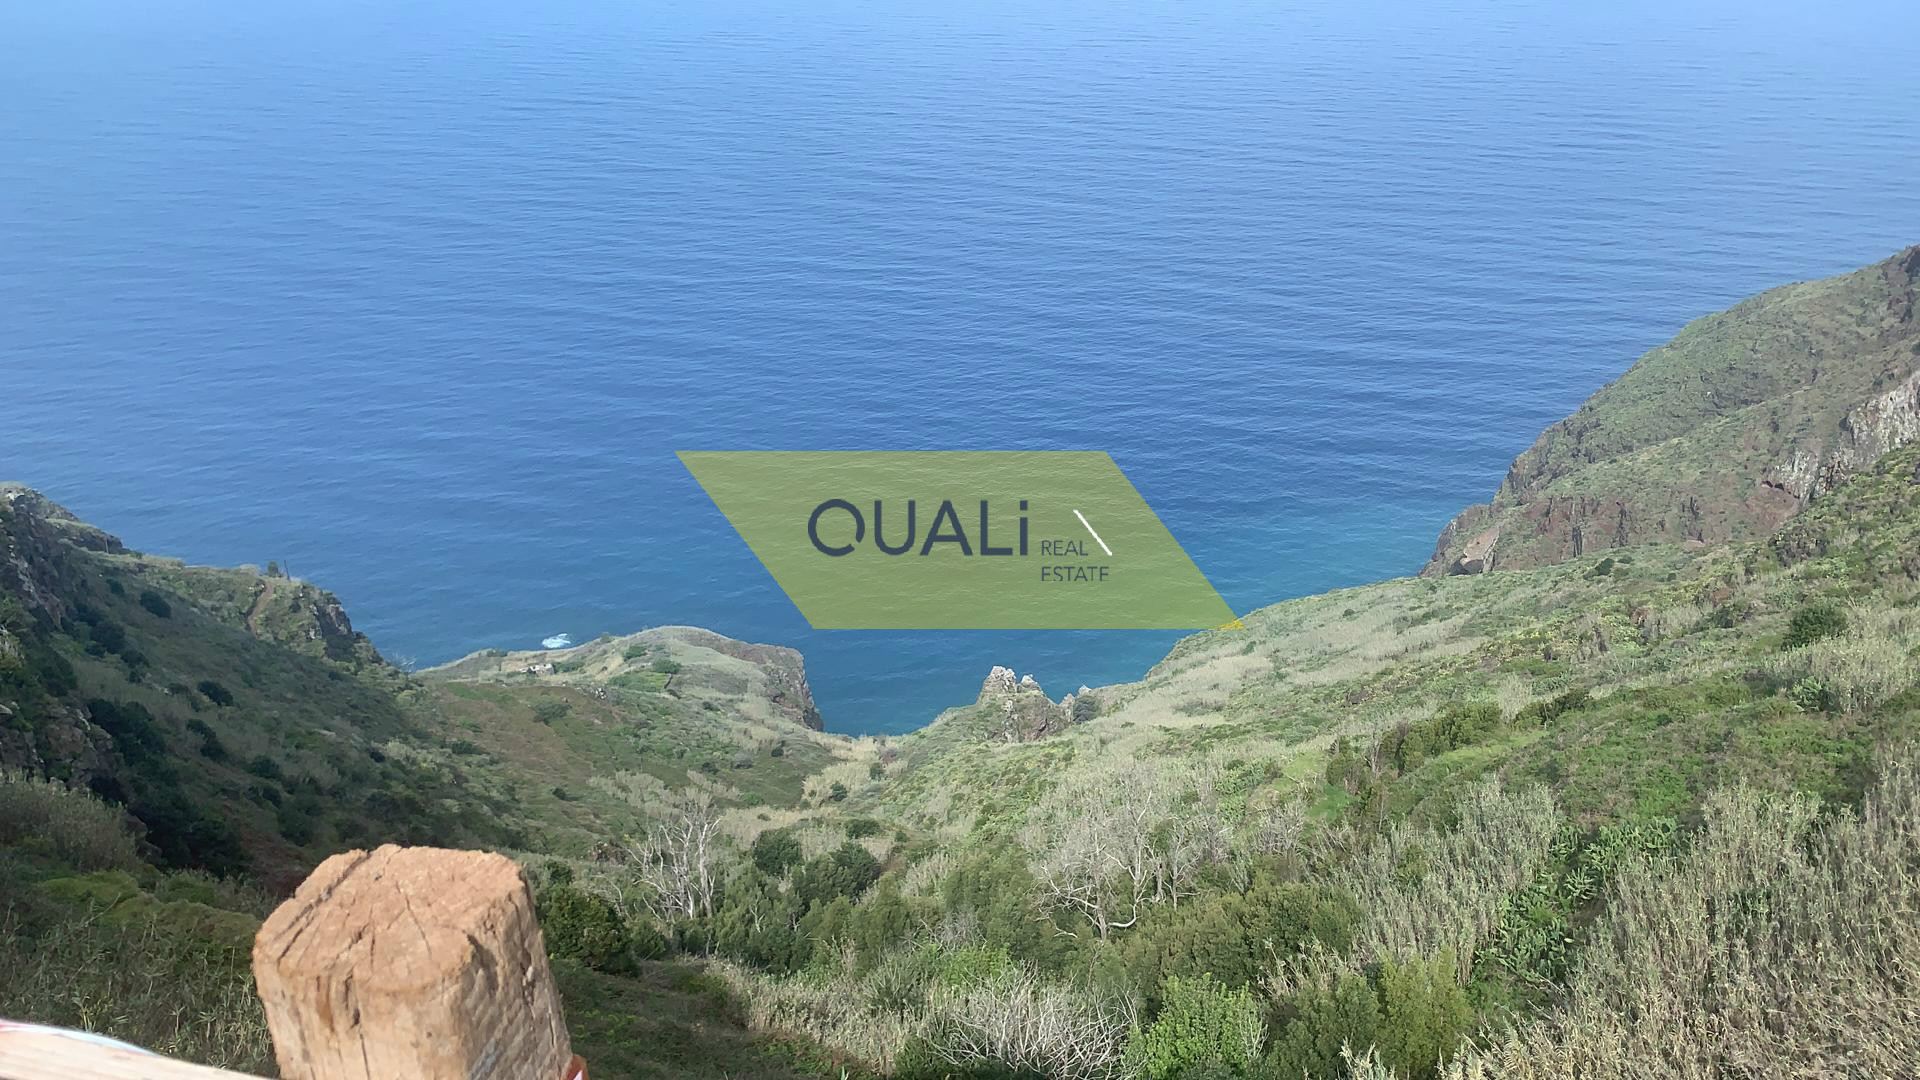 Fabuloso Imóvel em construção -Fajã da Ovelha - Ilha da Madeira